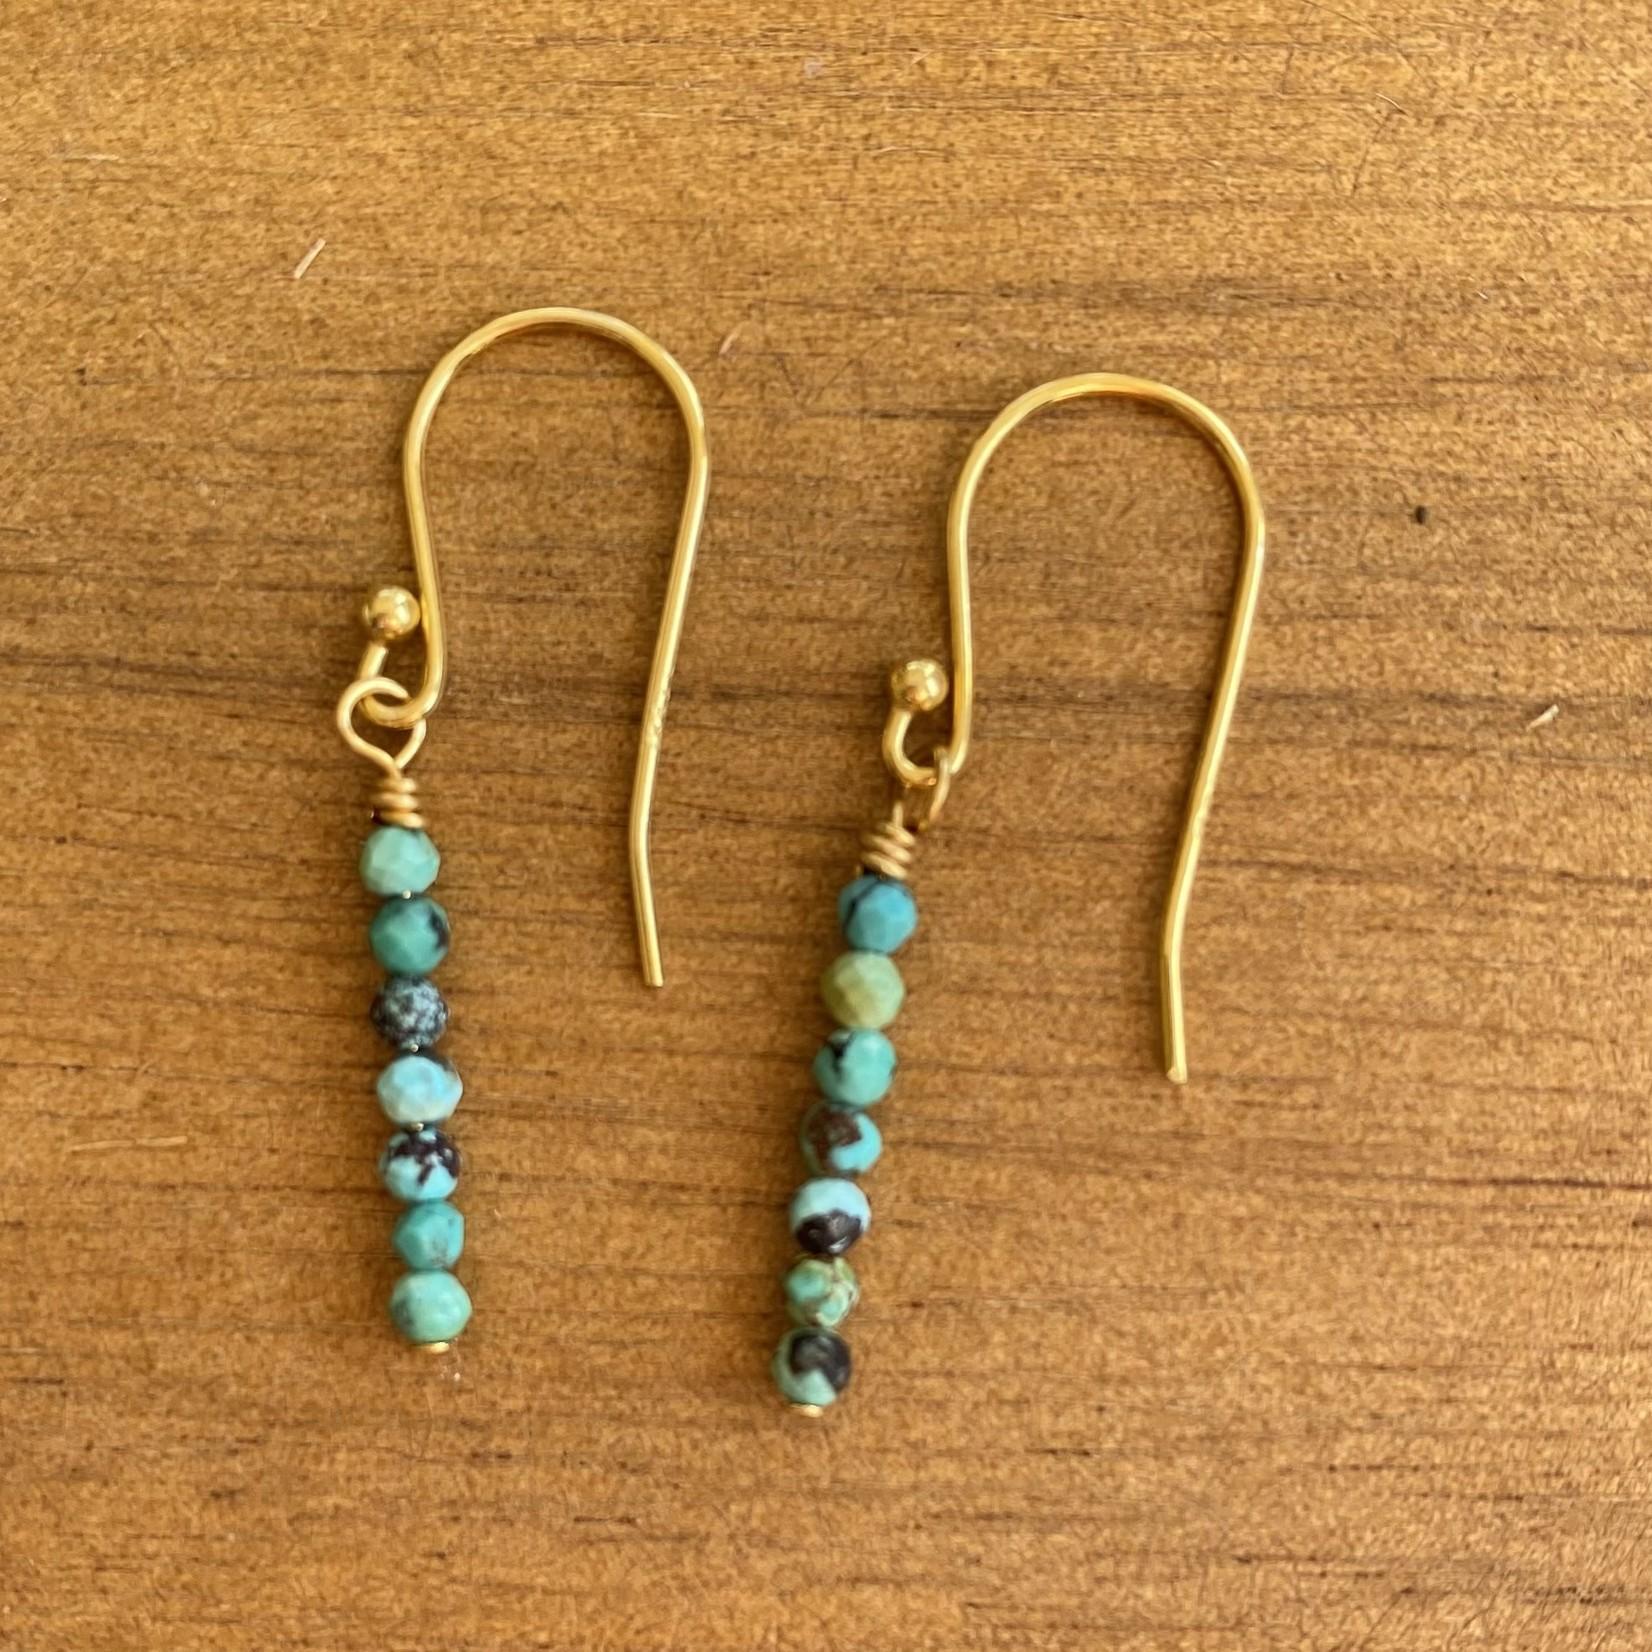 Maureen Oehrle Maureen Oehrle   E24 Turquoise Straight - 7 Stones